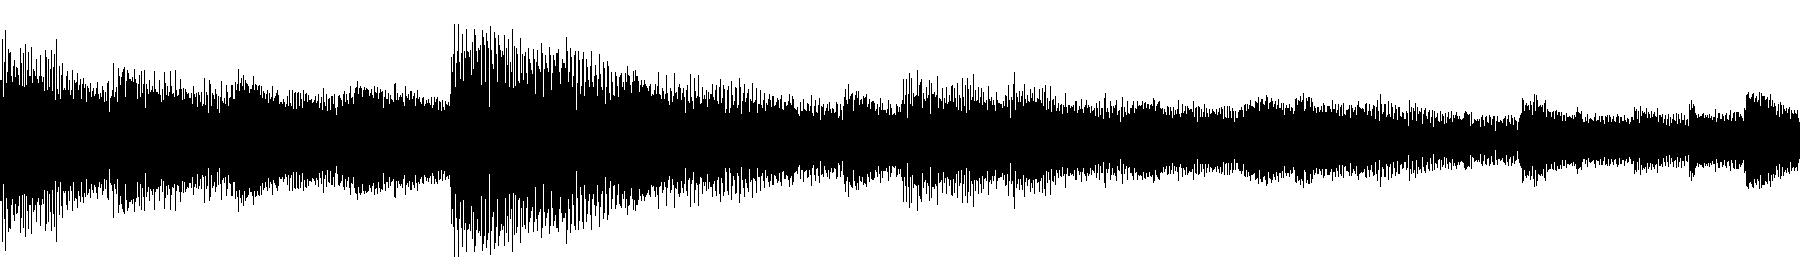 loop01125bpm